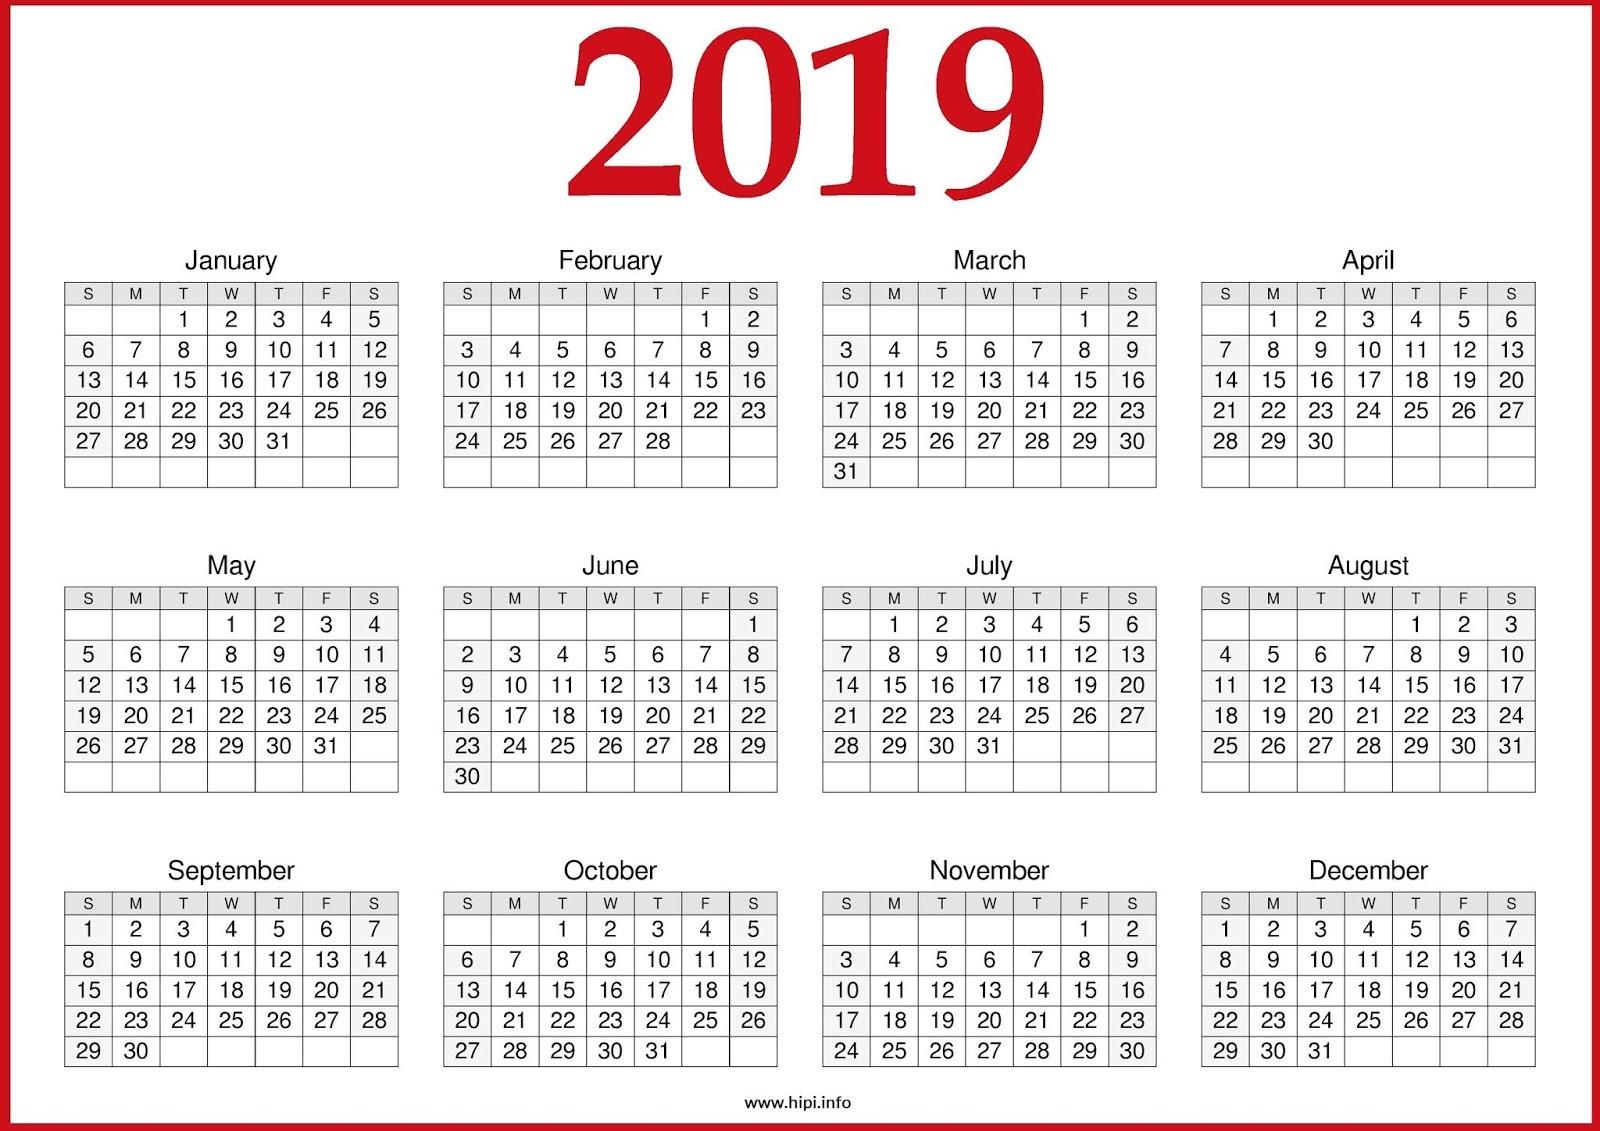 2019 Calendar Printable Pdf Calendar 2019 Pdf